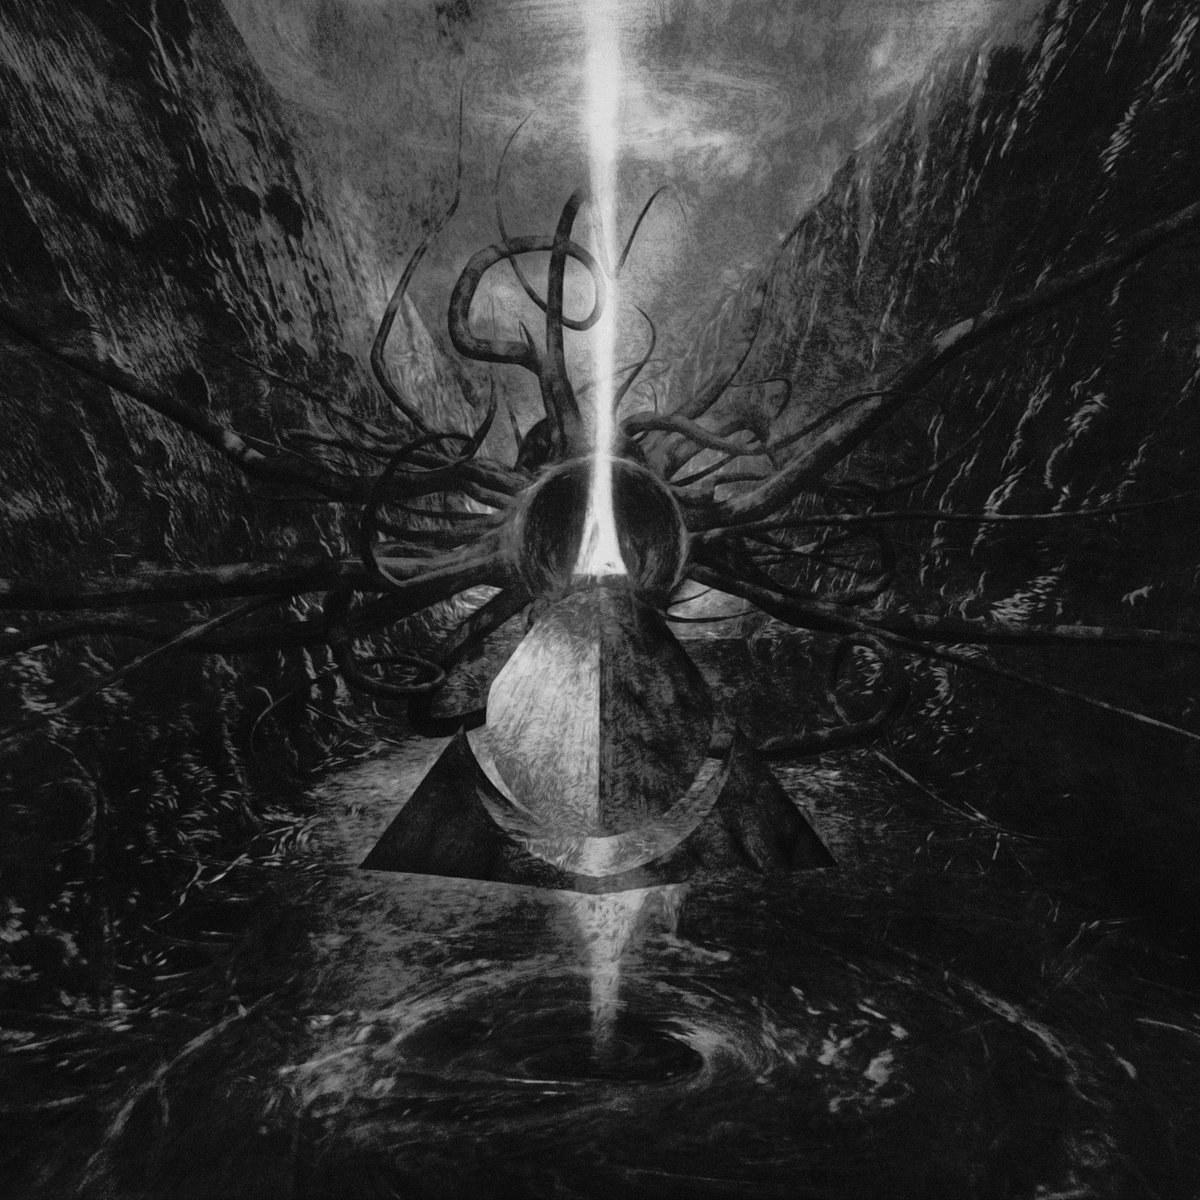 Review for Altarage - Endinghent